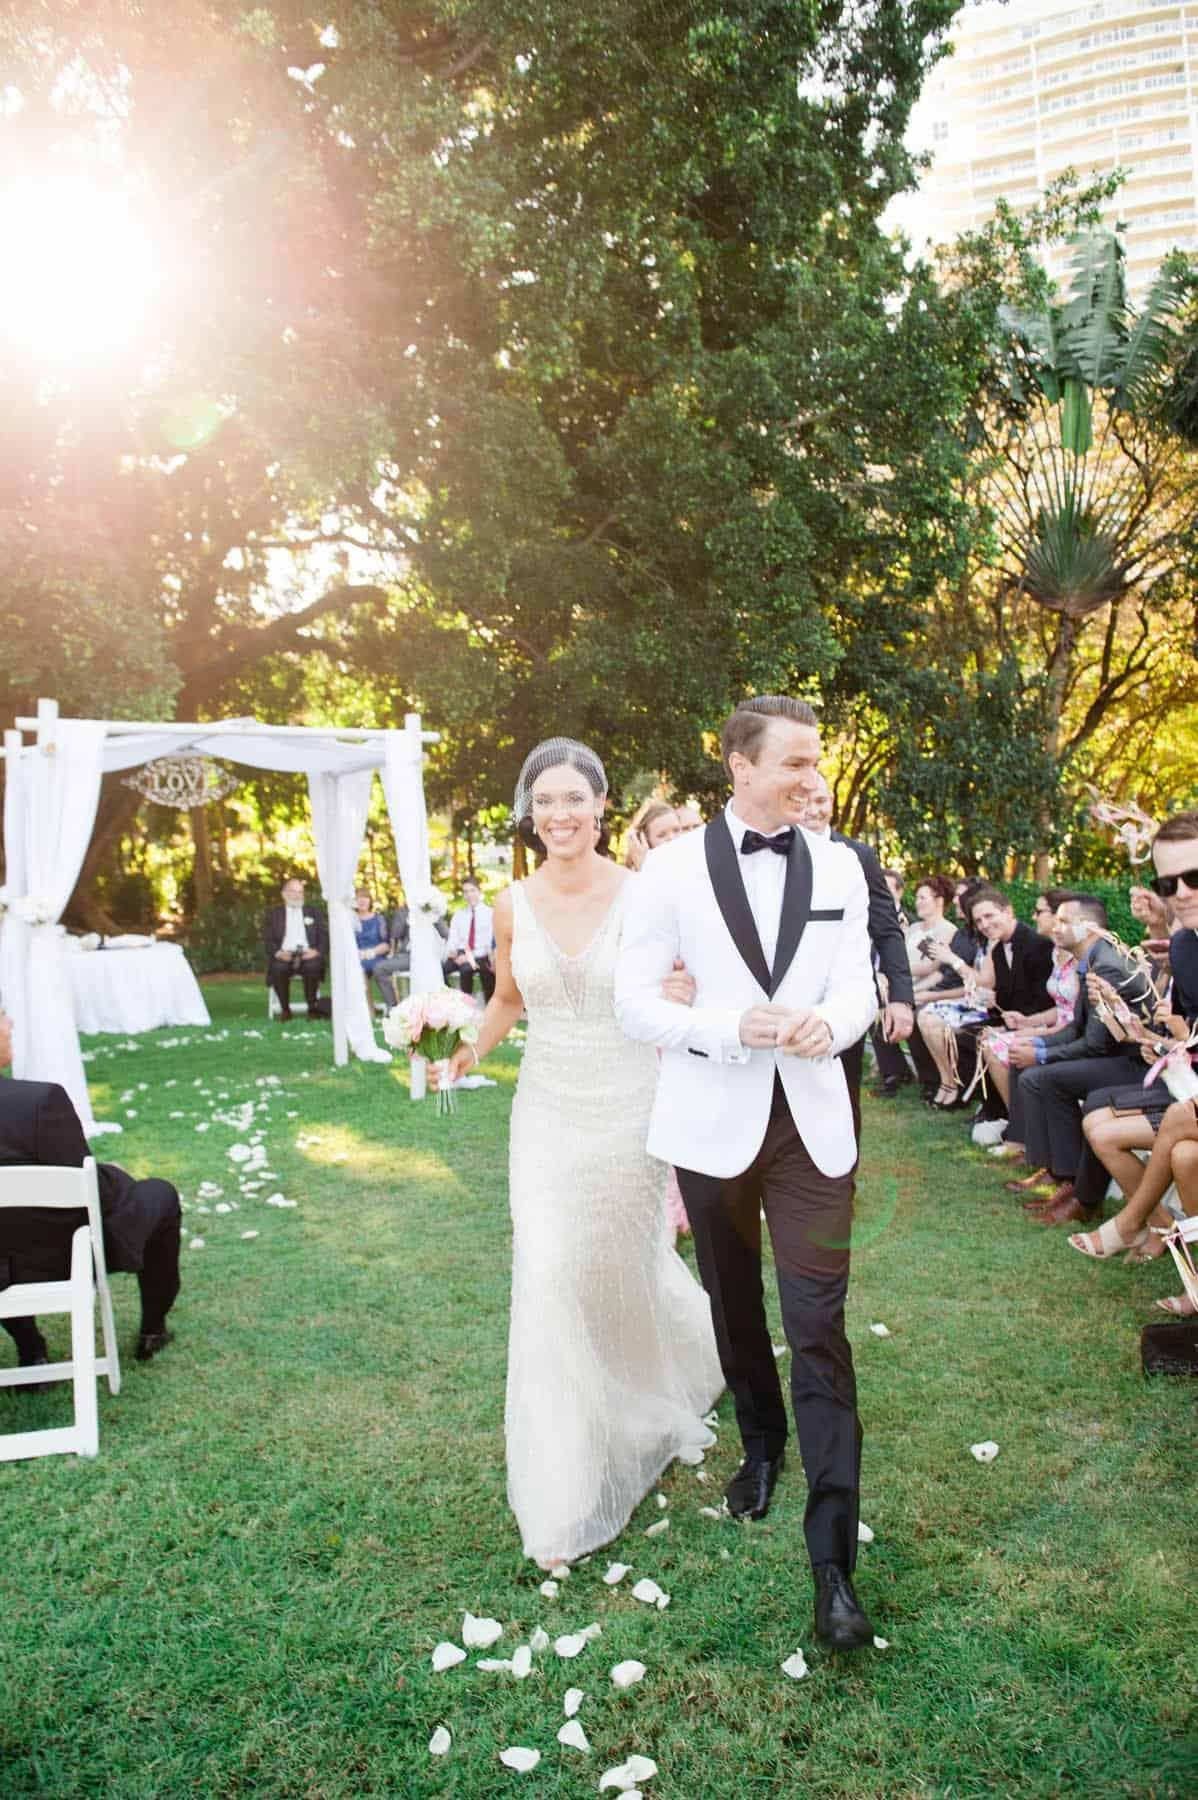 Brisbane ceremony outdoor ceremony ideas